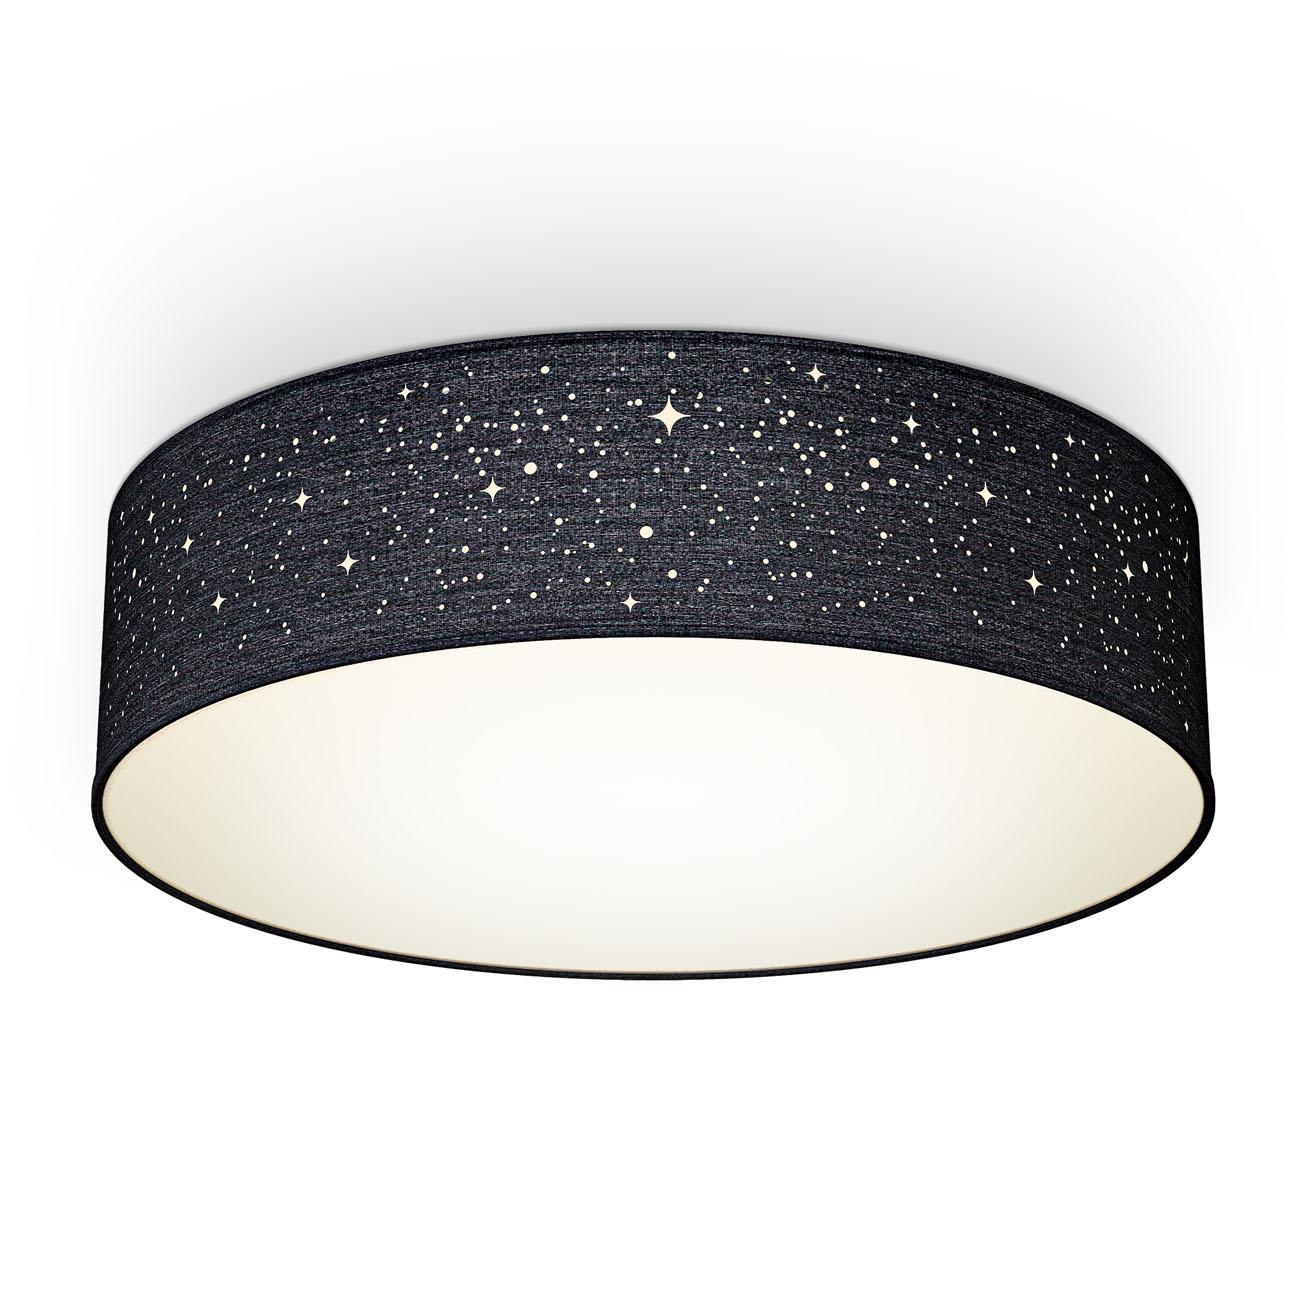 Deckenleuchte Stoff mit Sternenoptik schwarz 2xE27 - 1